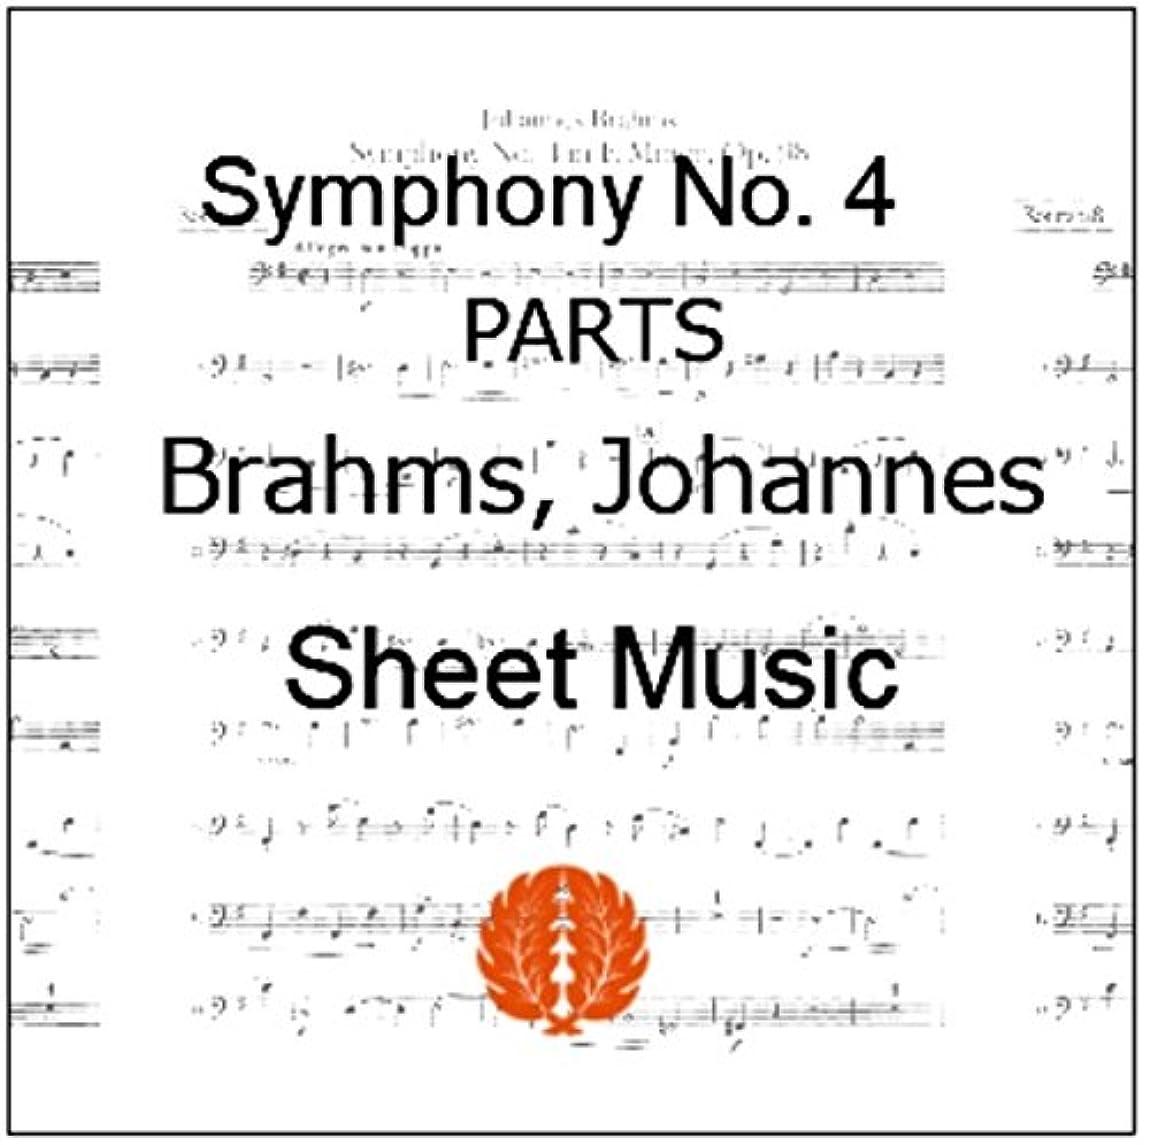 岸急降下辞任楽譜 pdf ブラームス 交響曲第4番 オーケストラ用全パート譜セット(全楽章)